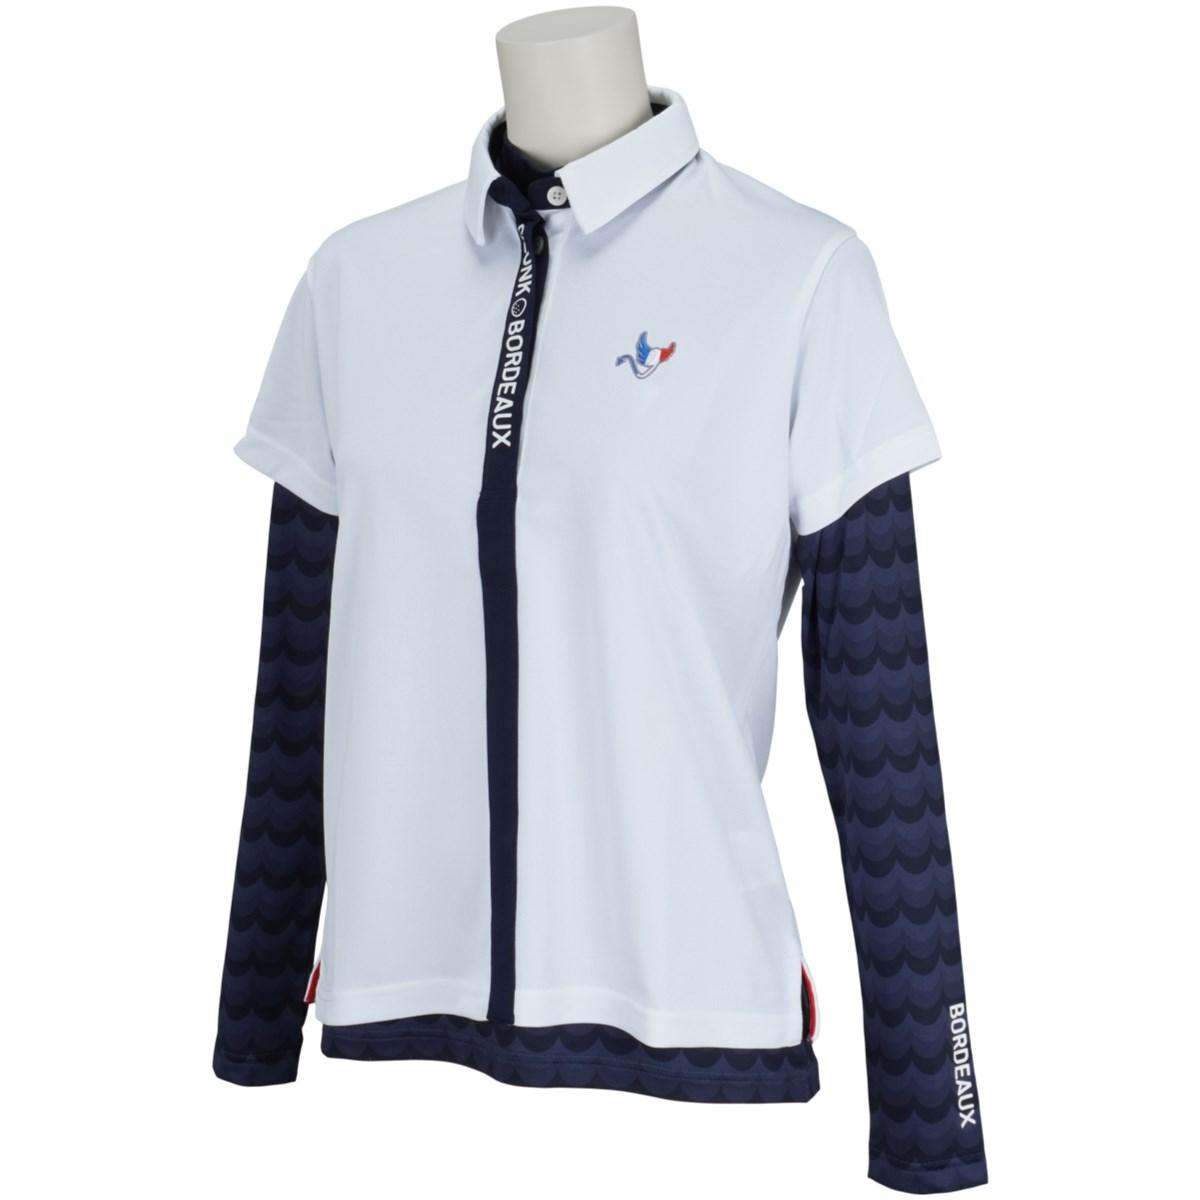 クランク Clunk インナー付き半袖ポロシャツ S ホワイト レディス